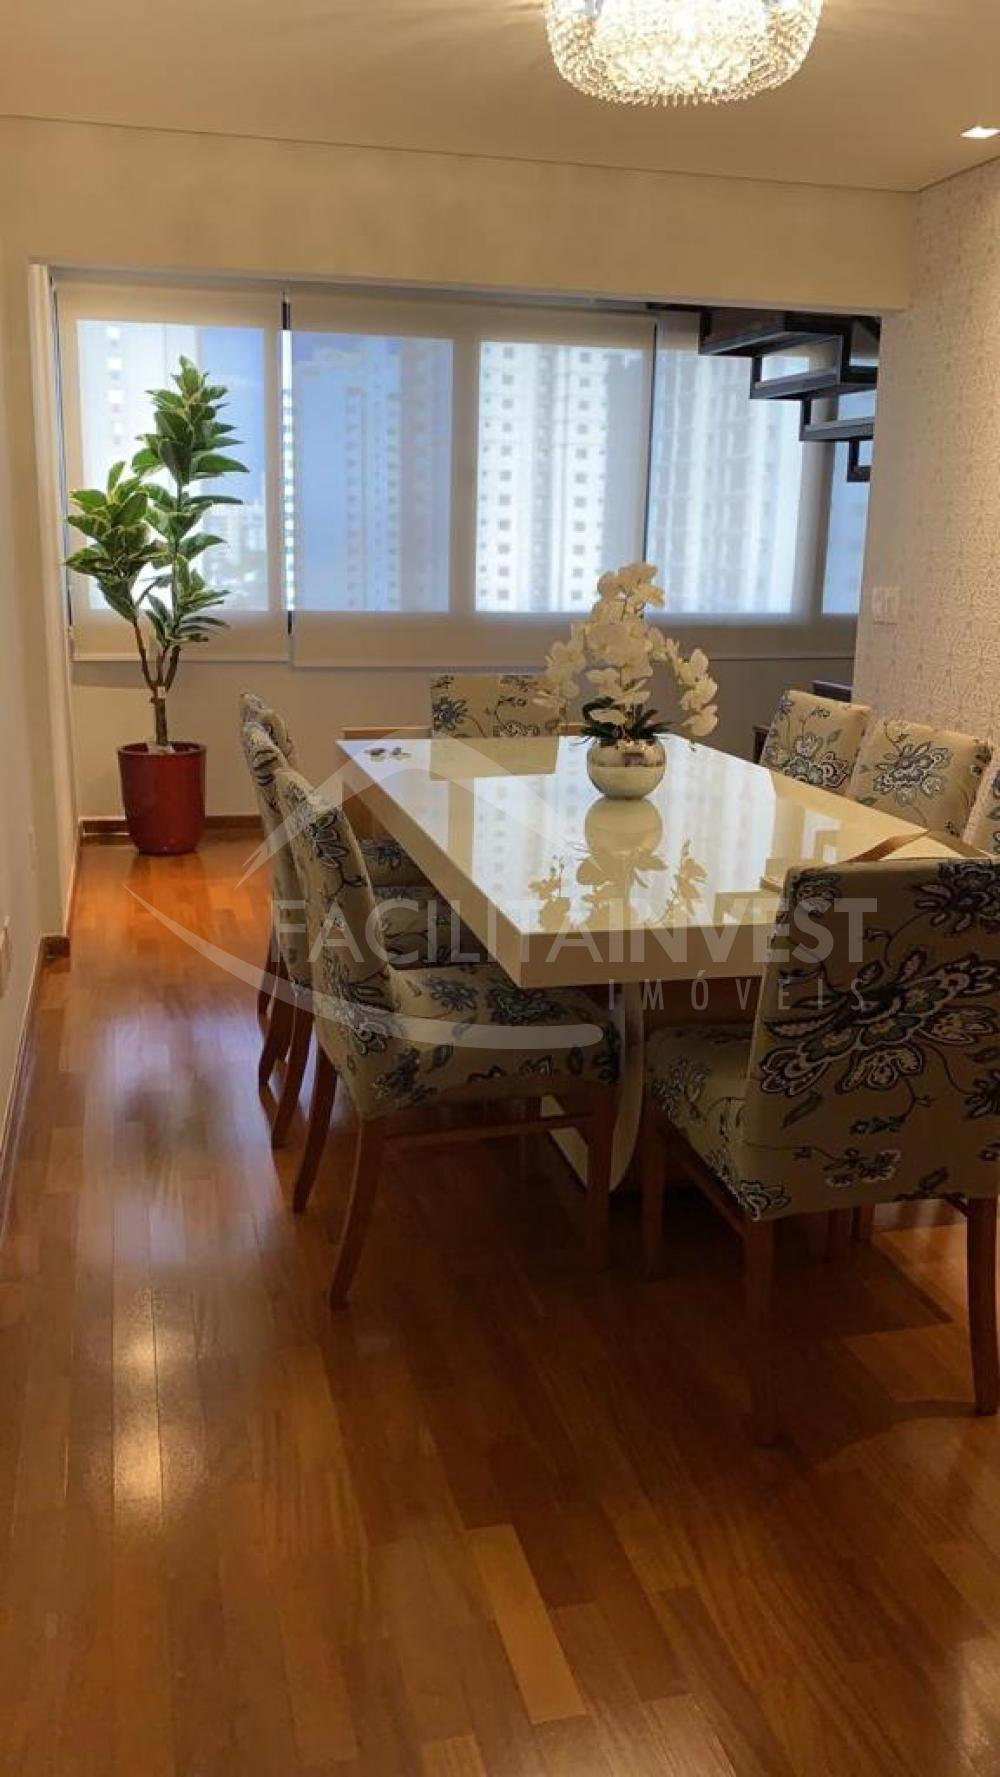 Comprar Apartamentos / Apart. Padrão em Ribeirão Preto apenas R$ 640.000,00 - Foto 5